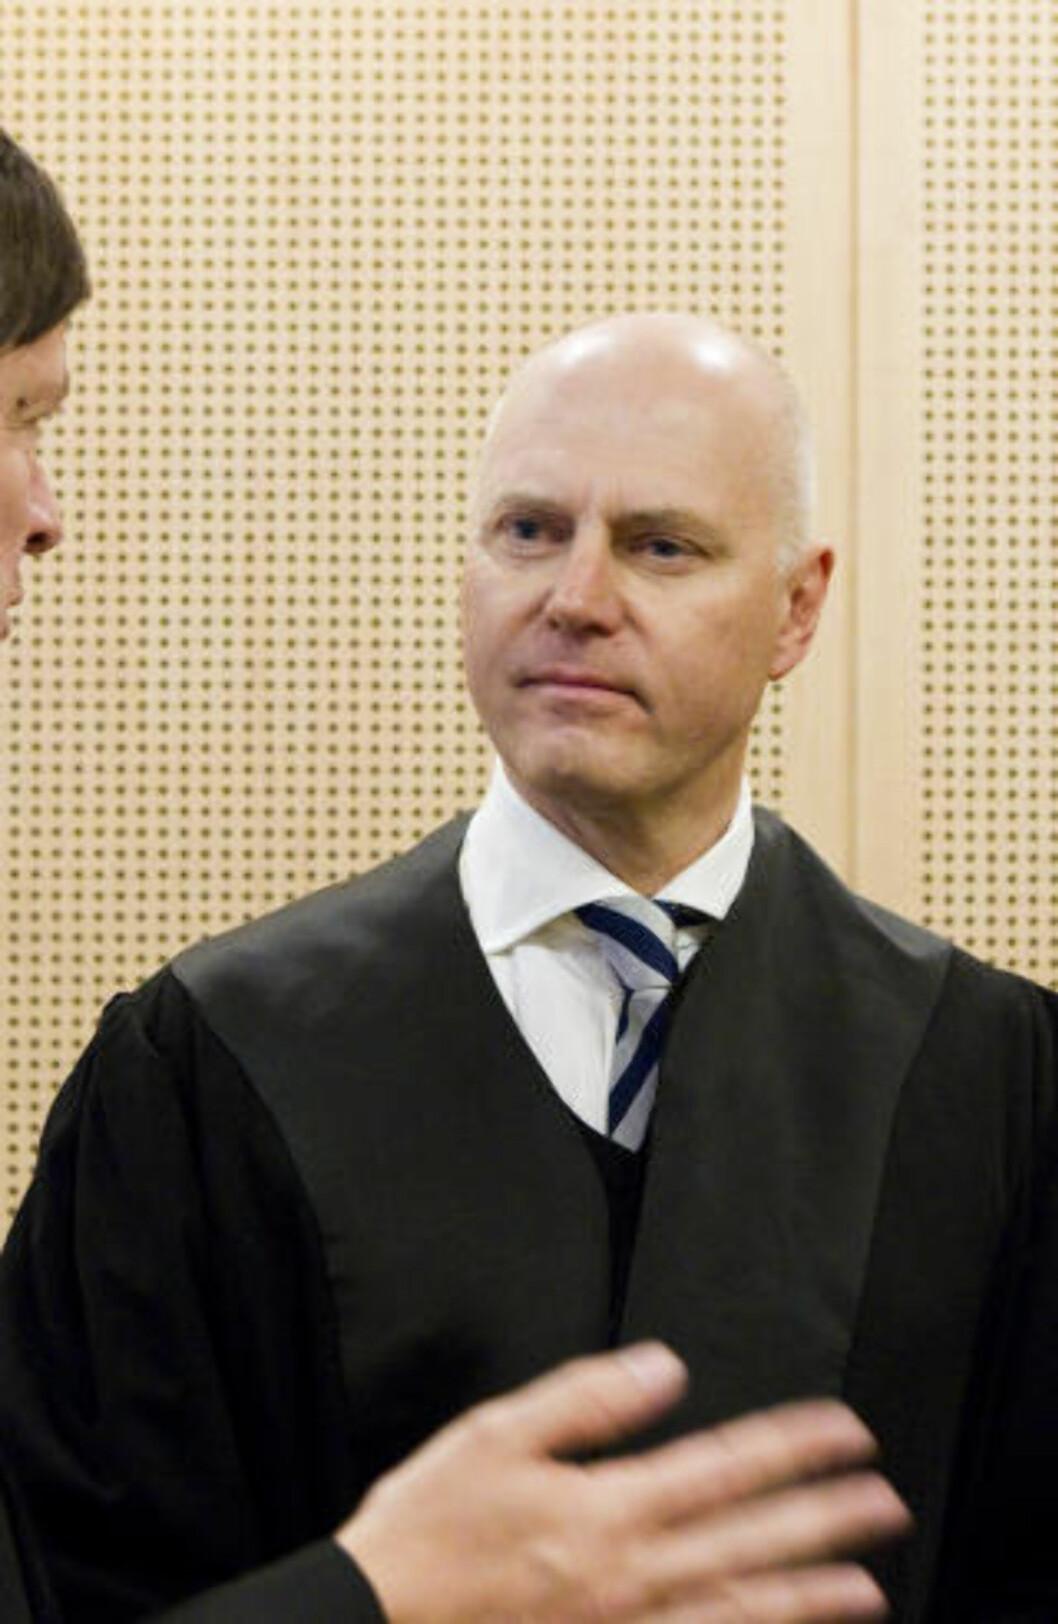 <strong>PRINSIPIELT VIKTIG:</strong> Advokat Anders Ryssdal fra advokatfirmaet Wiersholm prosederer saken sammen med Klomsæt. Han mener saken er svært prinsipielt viktig. Foto: Berit Roald / Scanpix